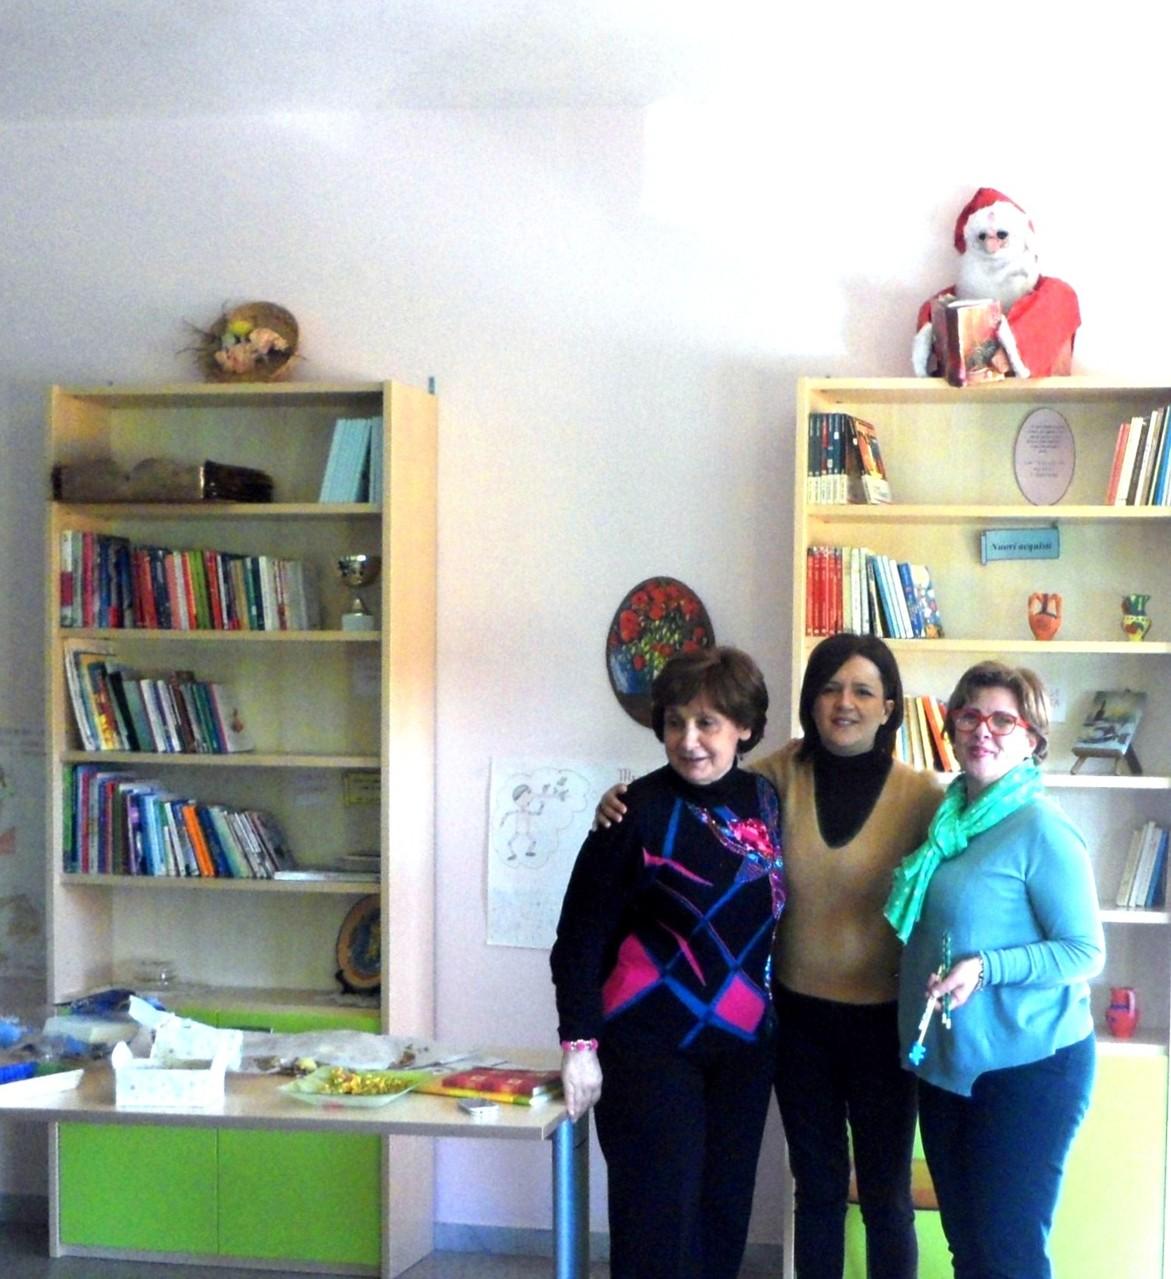 La maestra Laura, la maestra Luisa insieme alla maestra Ornella